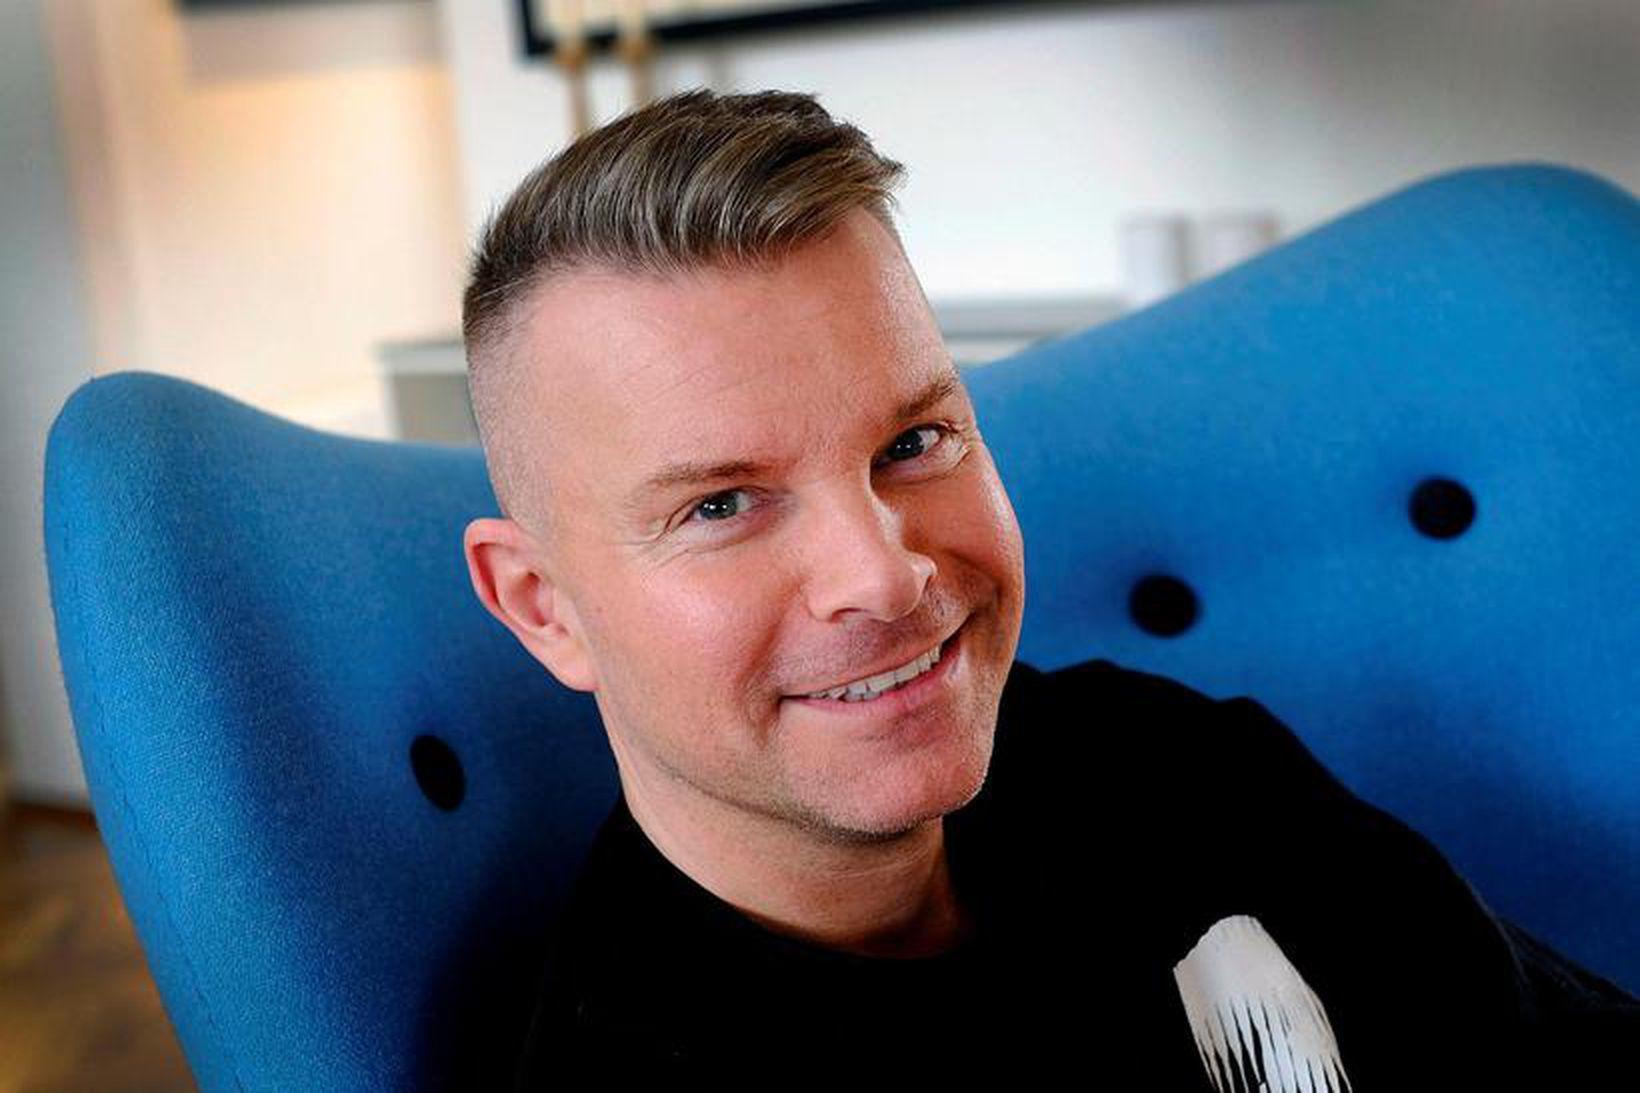 Páll Óskar Hjálmtýsson skilaði skömminni um helgina.